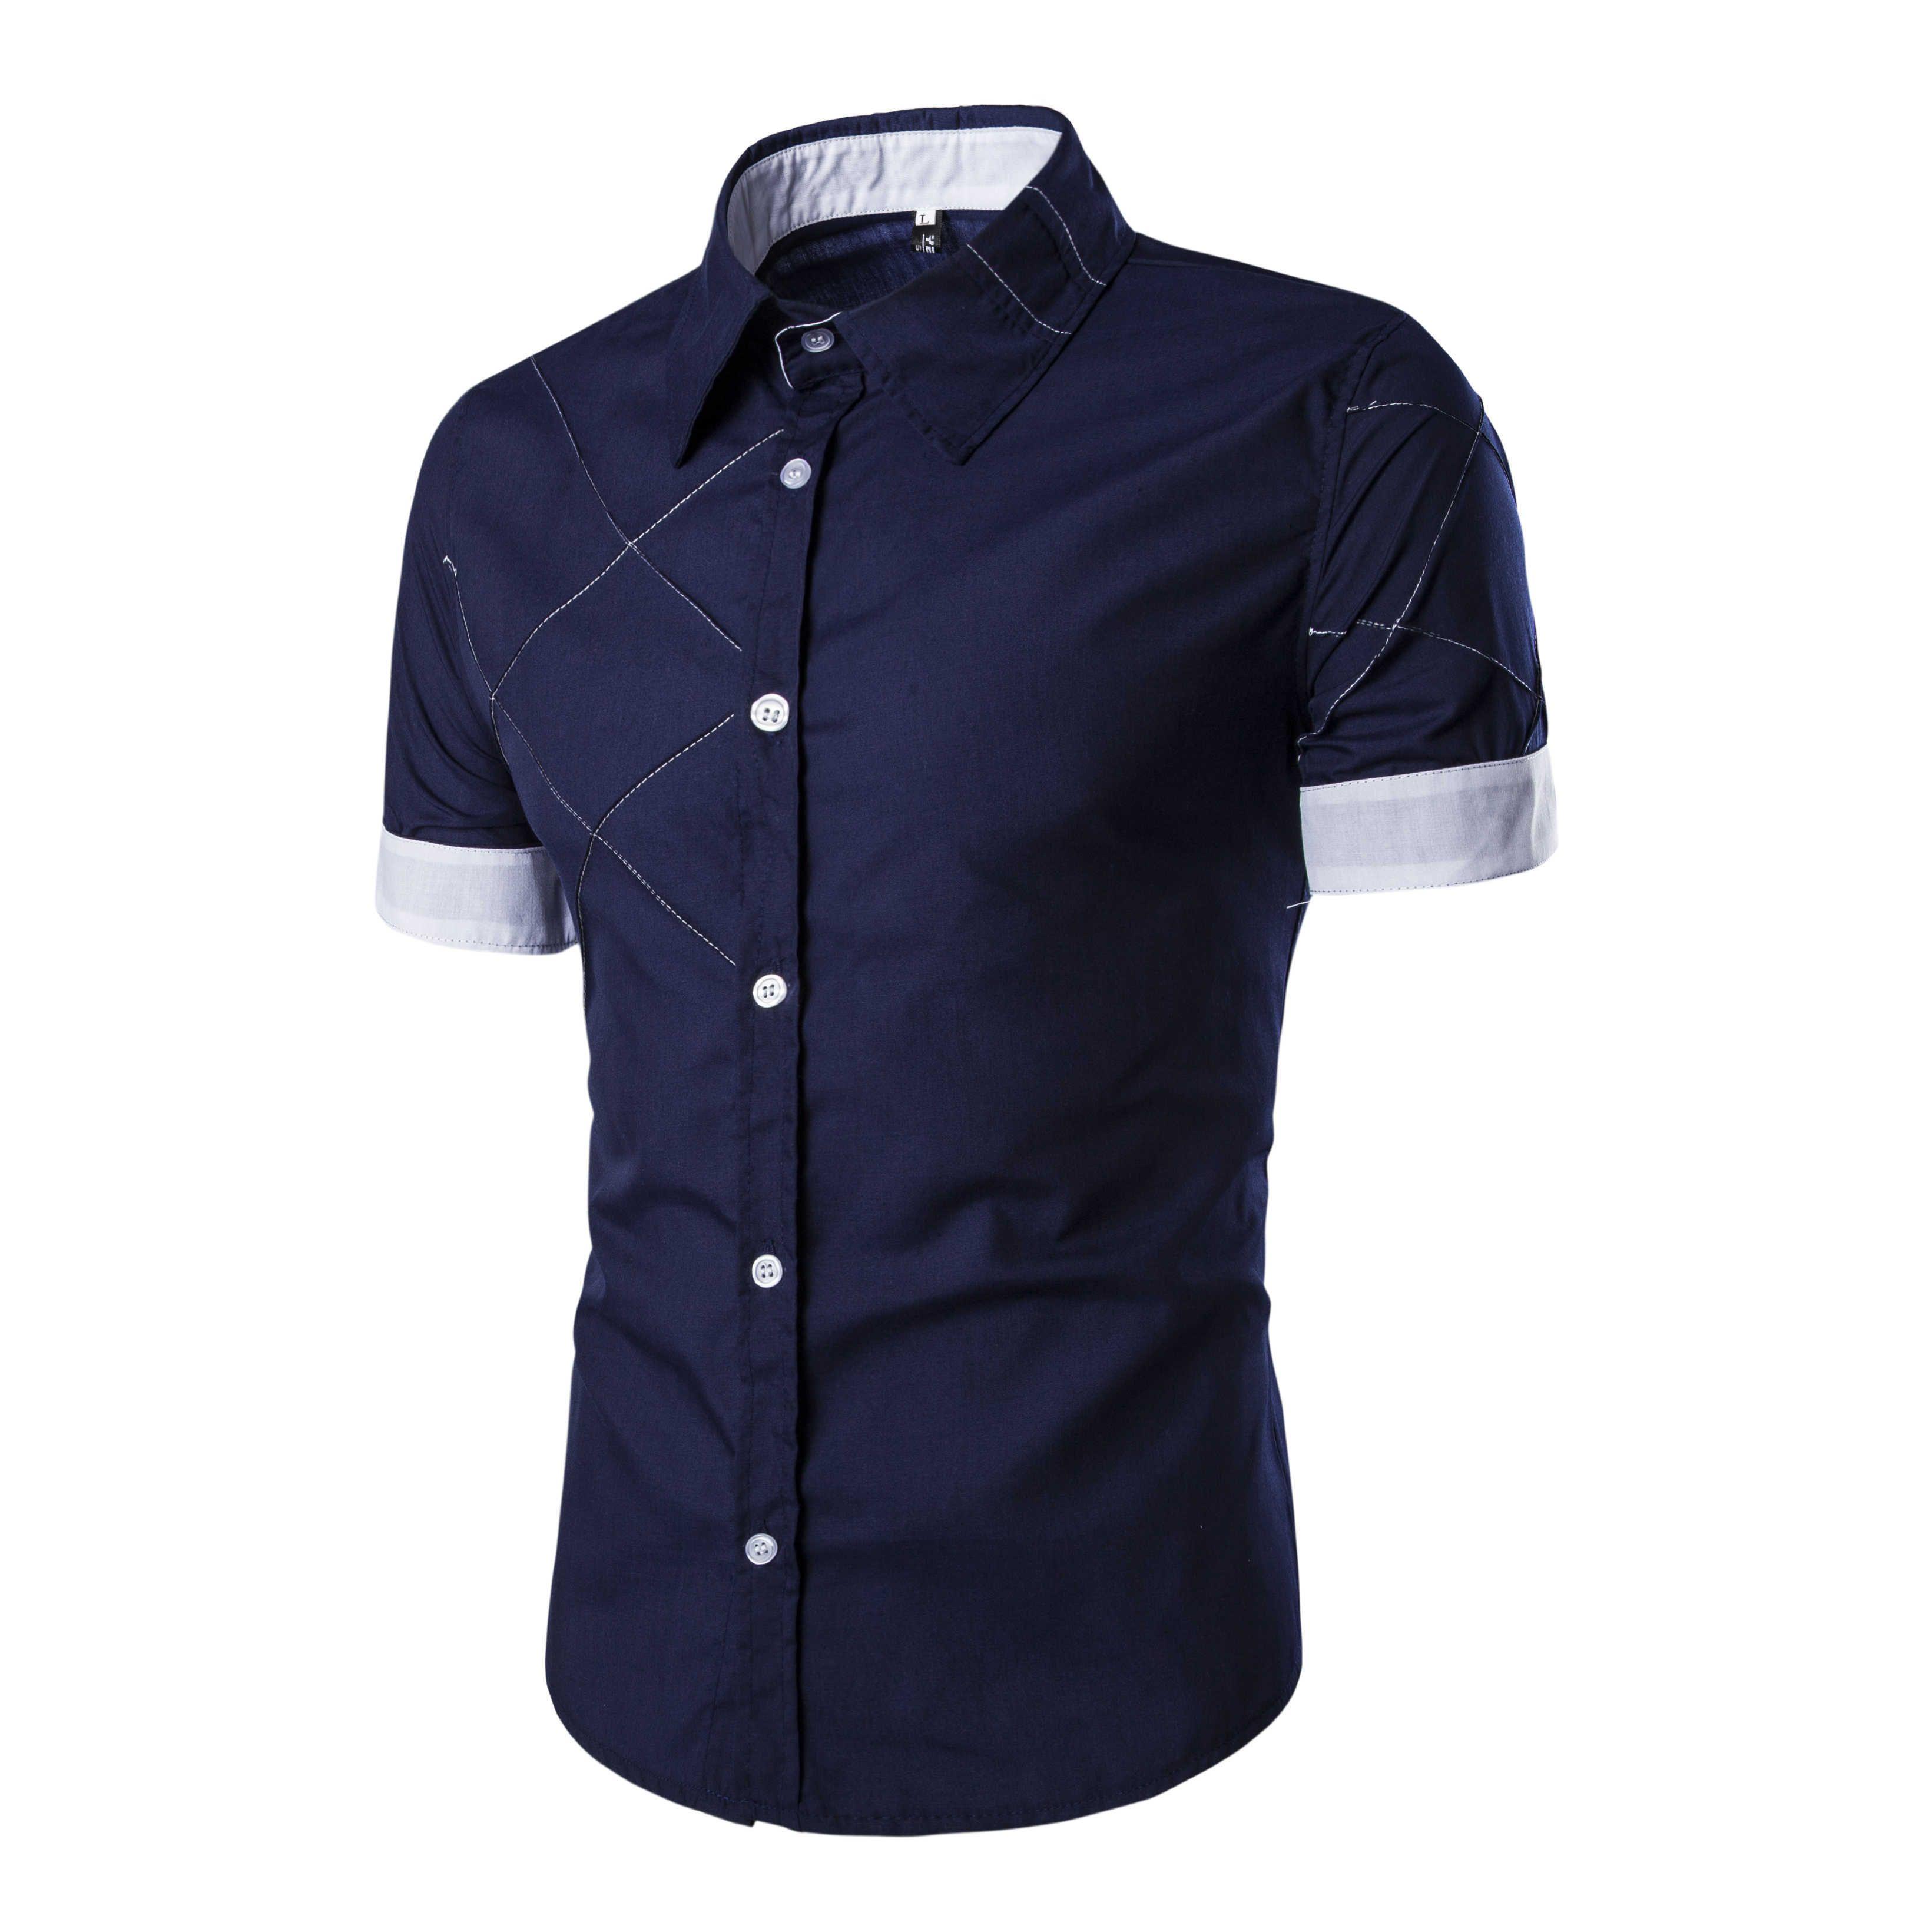 98c077b9cc Compre Homens Camisa De Manga Curta Camisas Masculinas Camisa Dos Homens  Marca Vestido 2019 Mens Camisas De Vestido Havaiano Camisa Social Masculina  Xxxl ...